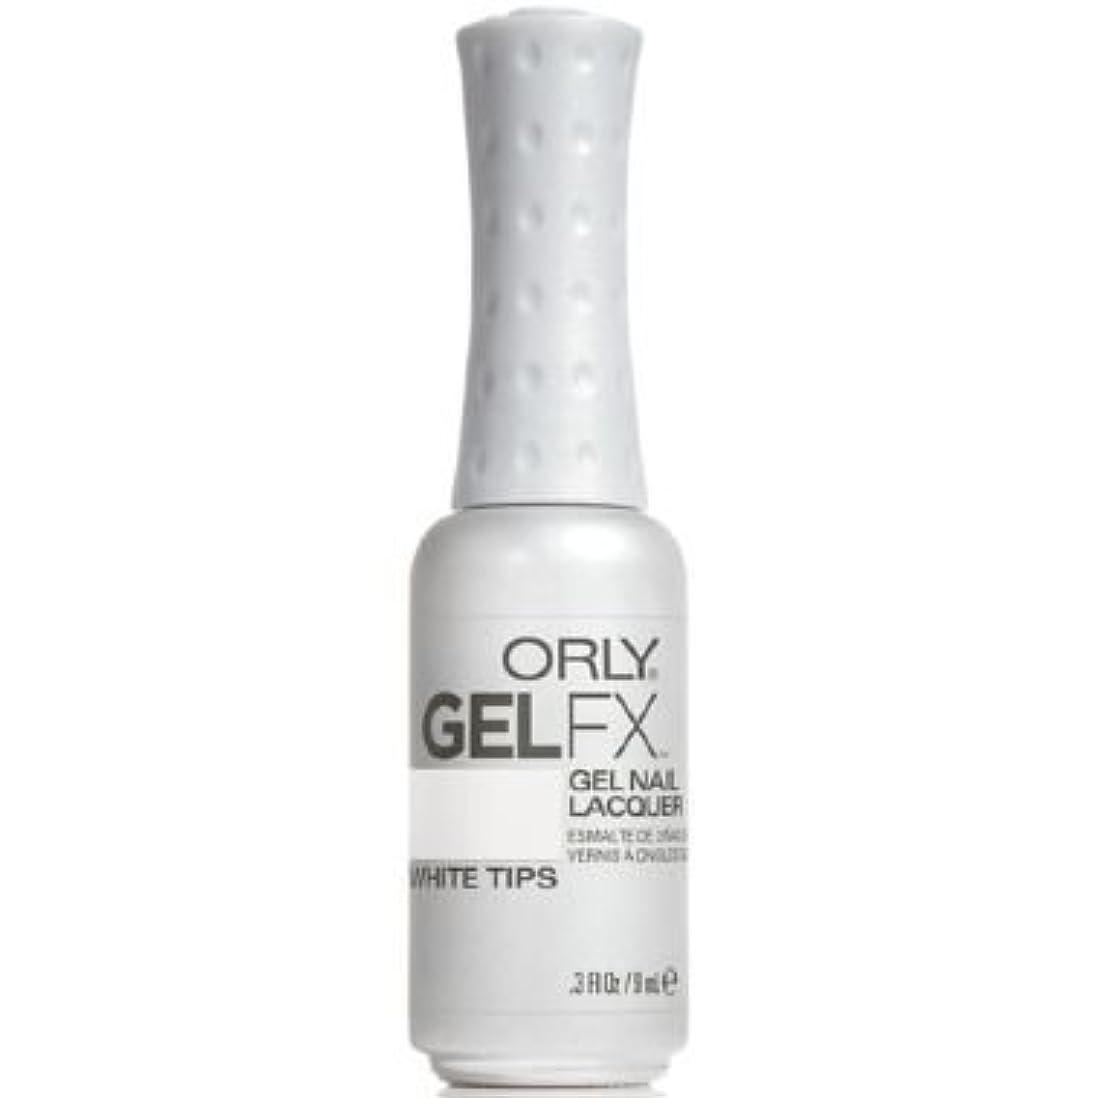 パークから聞く言い直すOrly Gel FX Gel UV Vernis à Ongles/ Gel Polish - White Tips 9ml